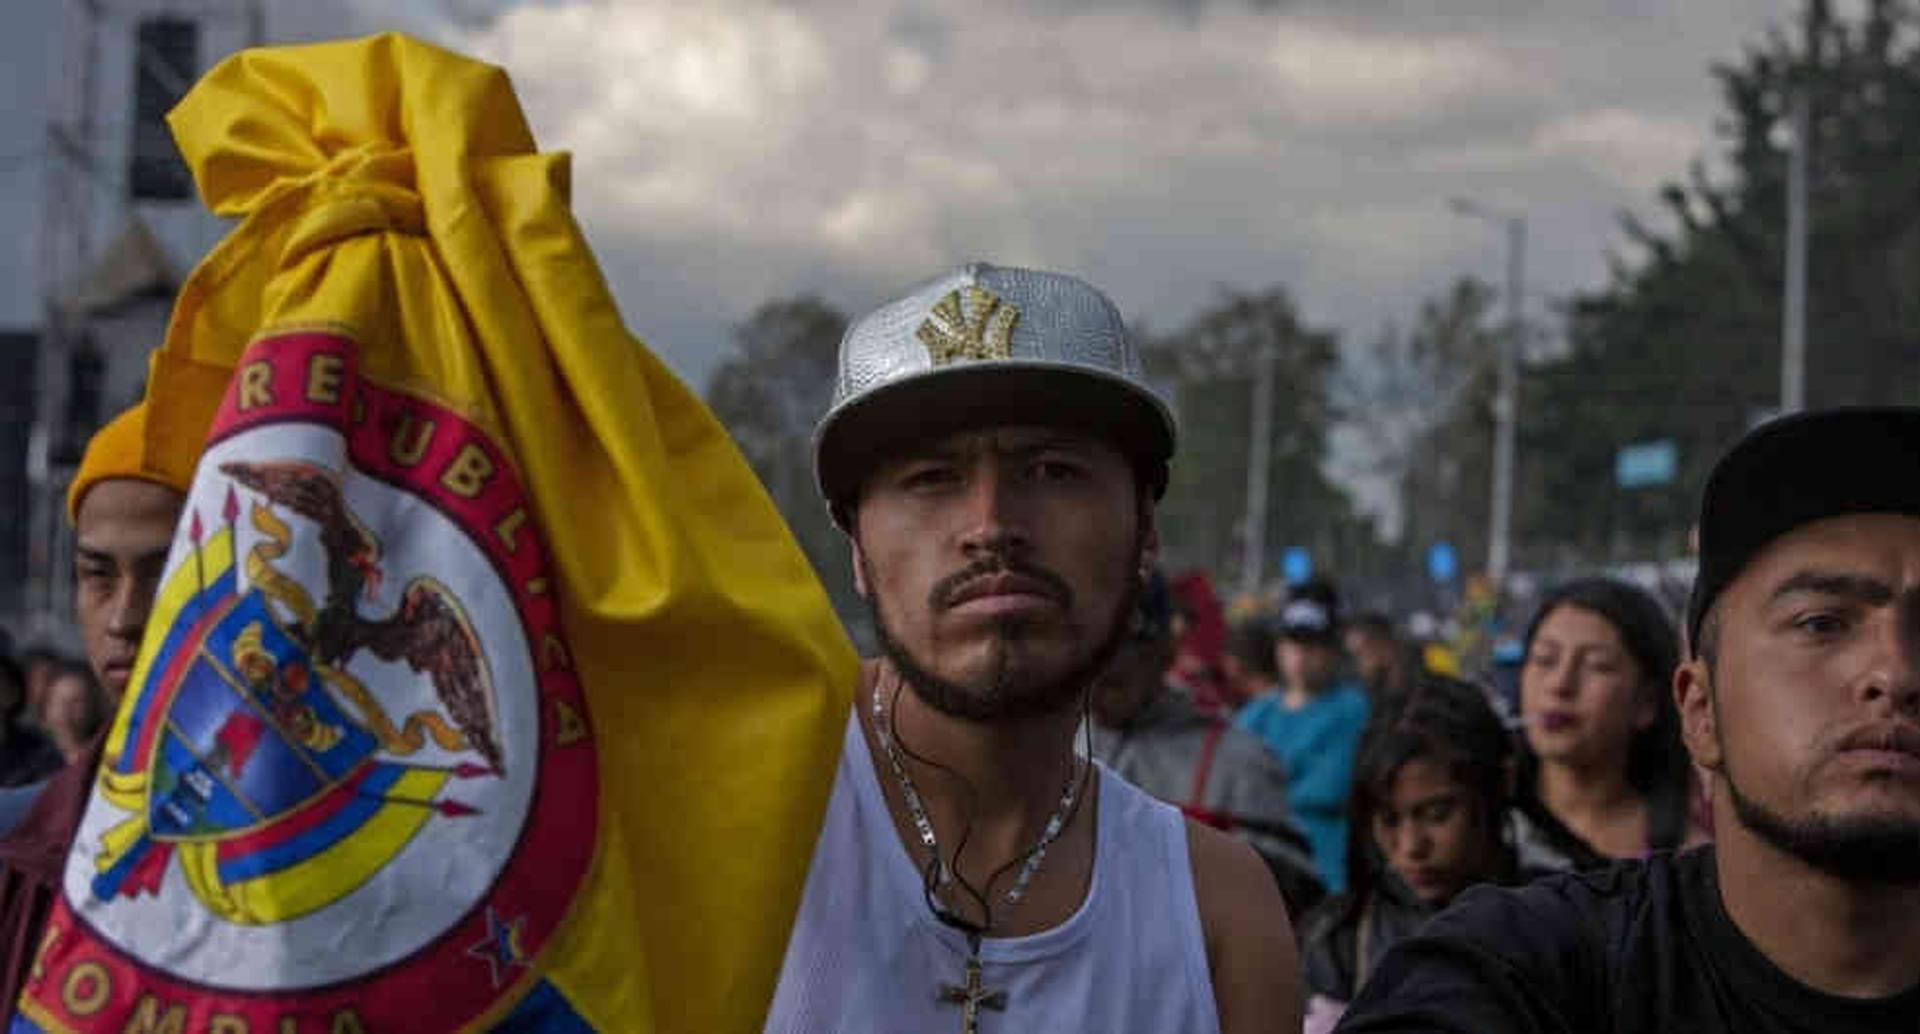 """""""Un amor, una patria llamada Hip-Hop"""": El mensaje de uno de los asistentes al evento. Fotos: Gabriela Alvarado."""